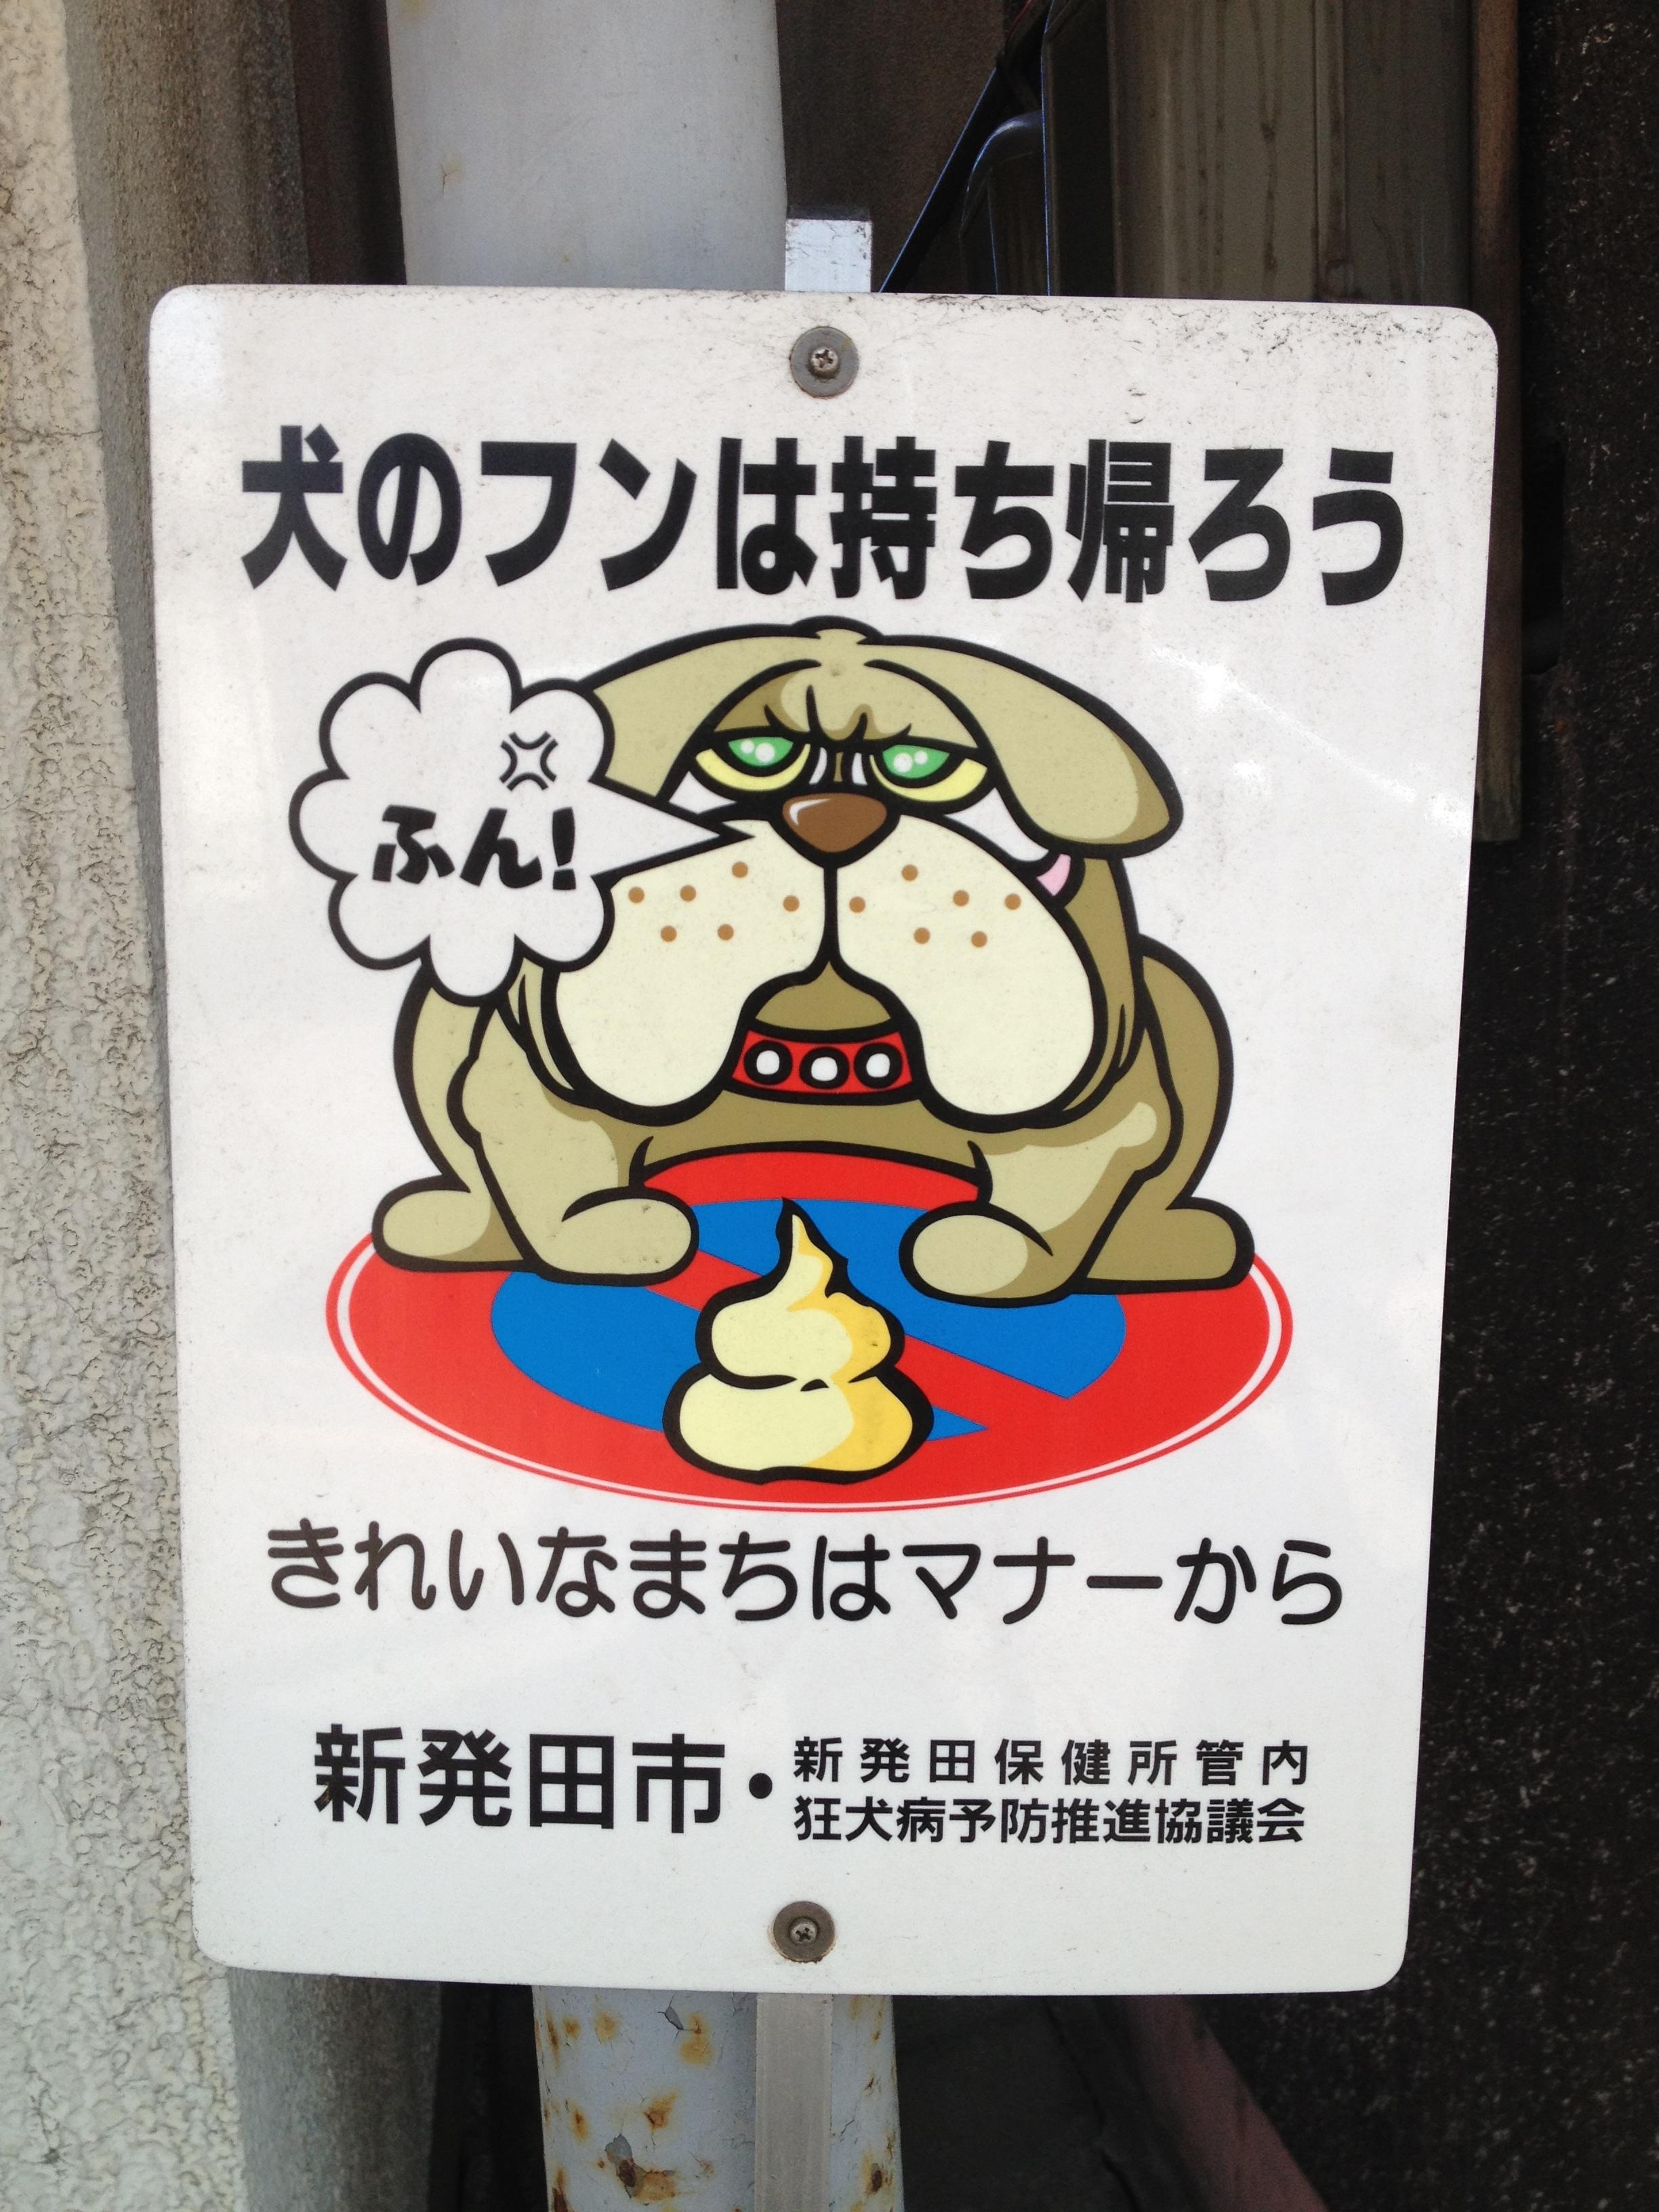 の フン 看板 犬 犬のフンによる被害でお困りの方へ 茅ヶ崎市